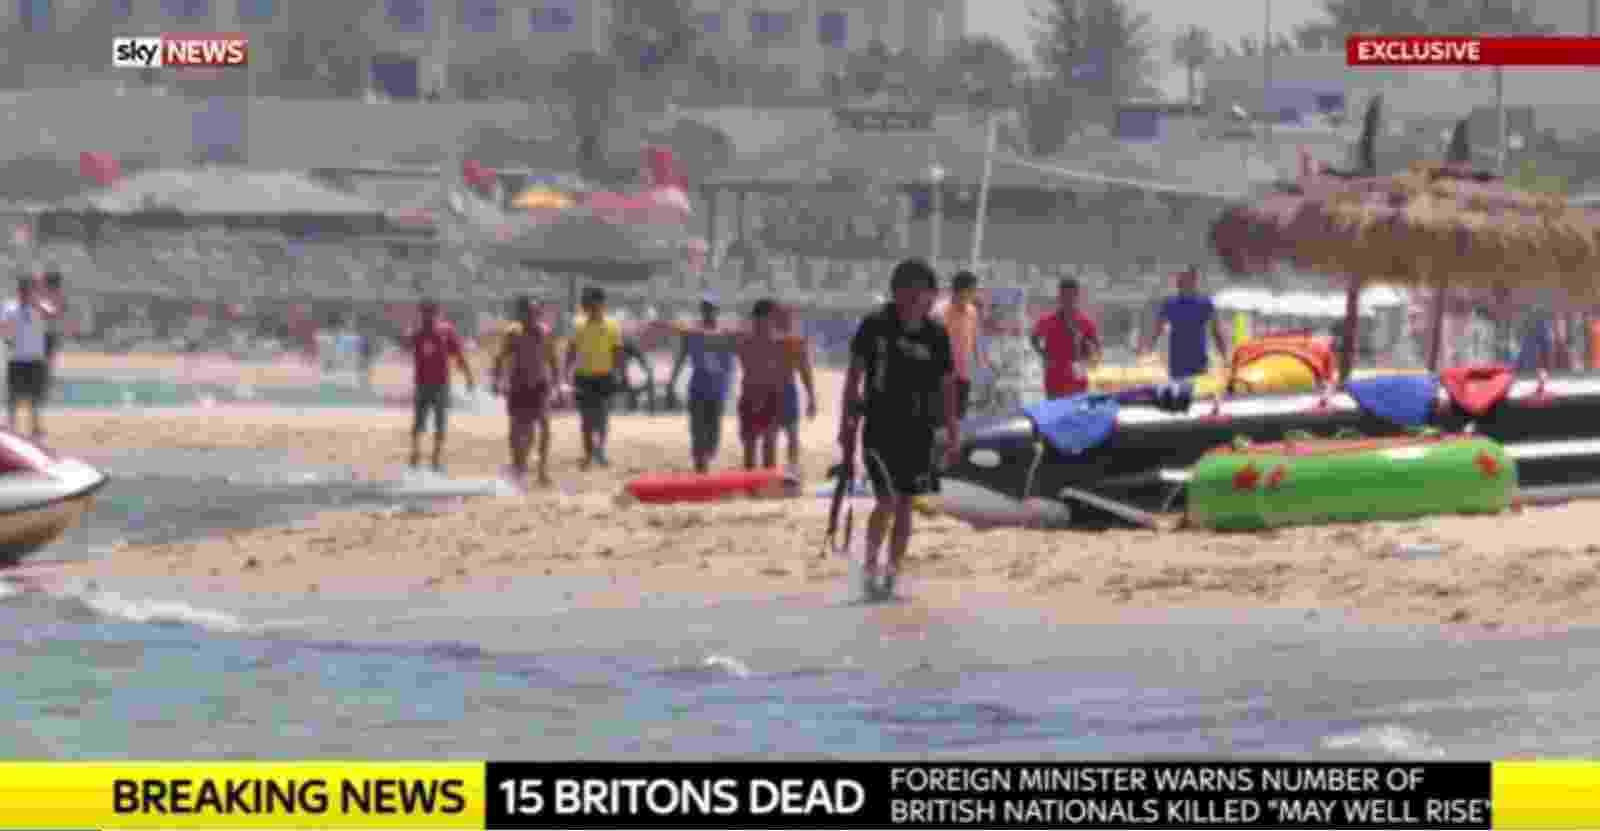 27.jun.2015 - A emissora de televisão britânica Sky News obteve neste sábado (27) imagens exclusivas do tunisiano Seifeddine Rezgui caminhando com uma AK-47 pela praia em Sousse, na Tunísia, onde ele matou 38 turistas, a maioria deles britânicos, nessa sexta-feira (26) - Sky News/Reprodução